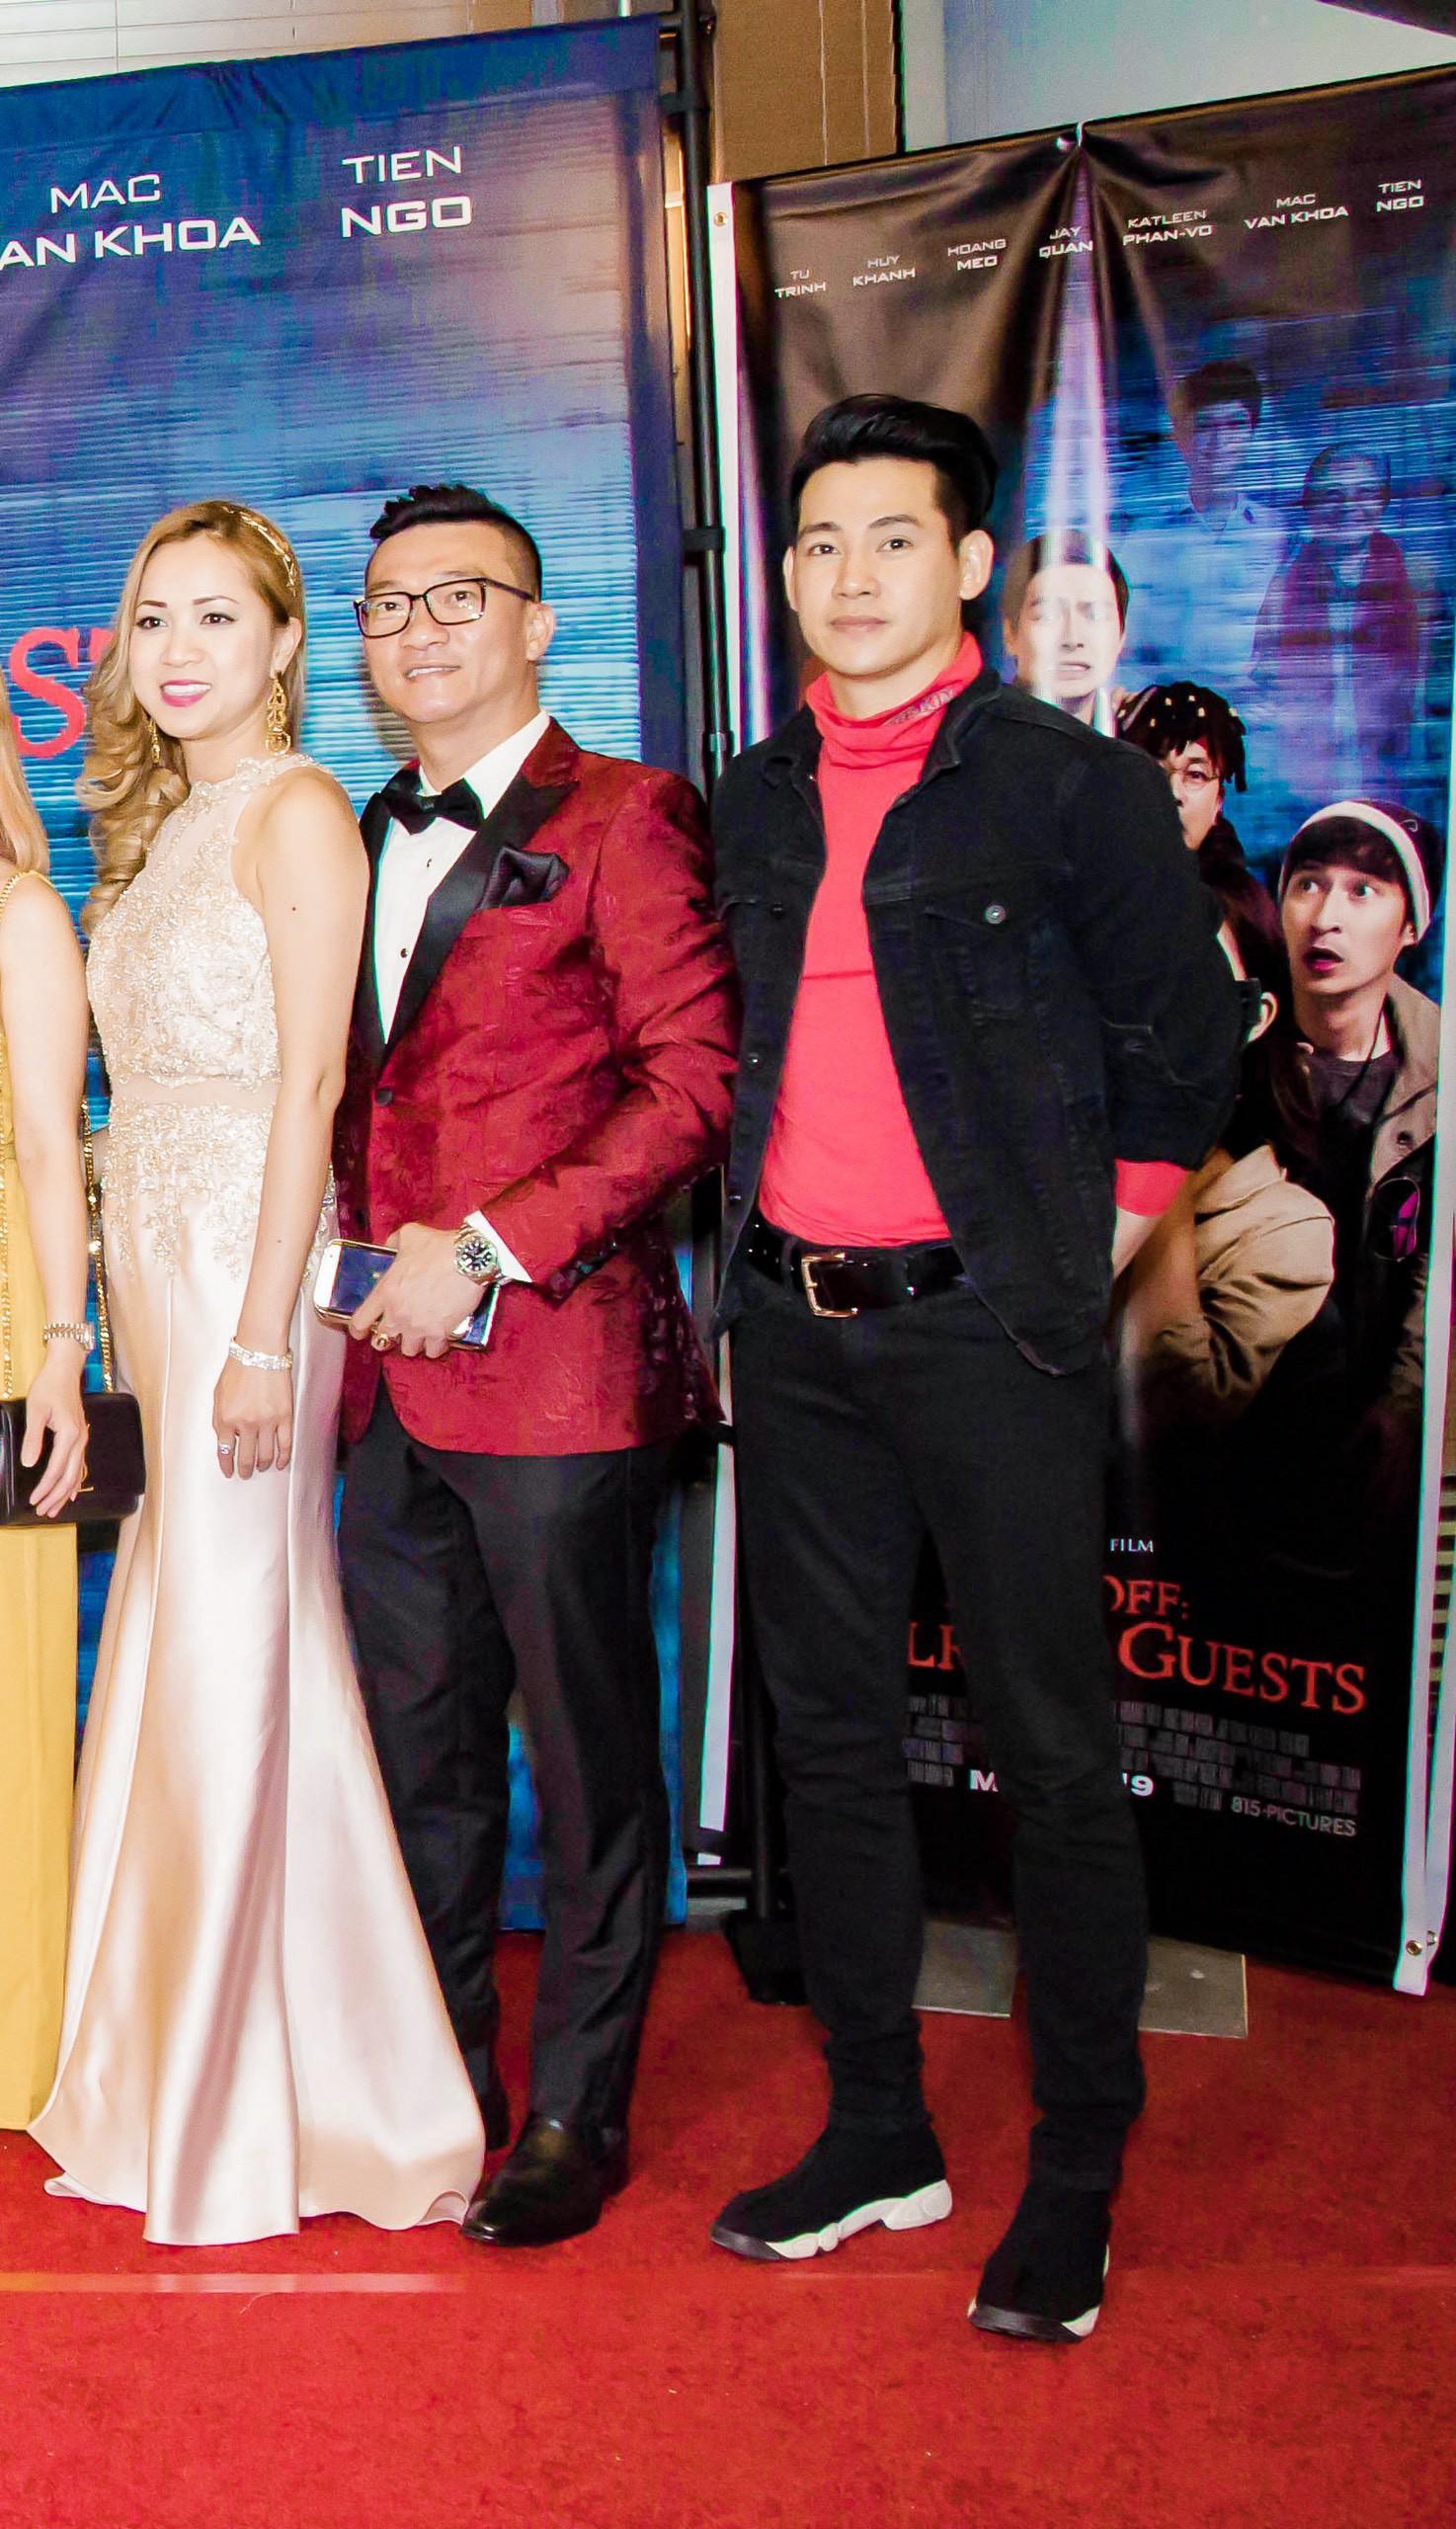 Vợ chồng Lý Hải - Minh Hà rạng rỡ trong ngày đưa phim sang Mỹ - Ảnh 4.